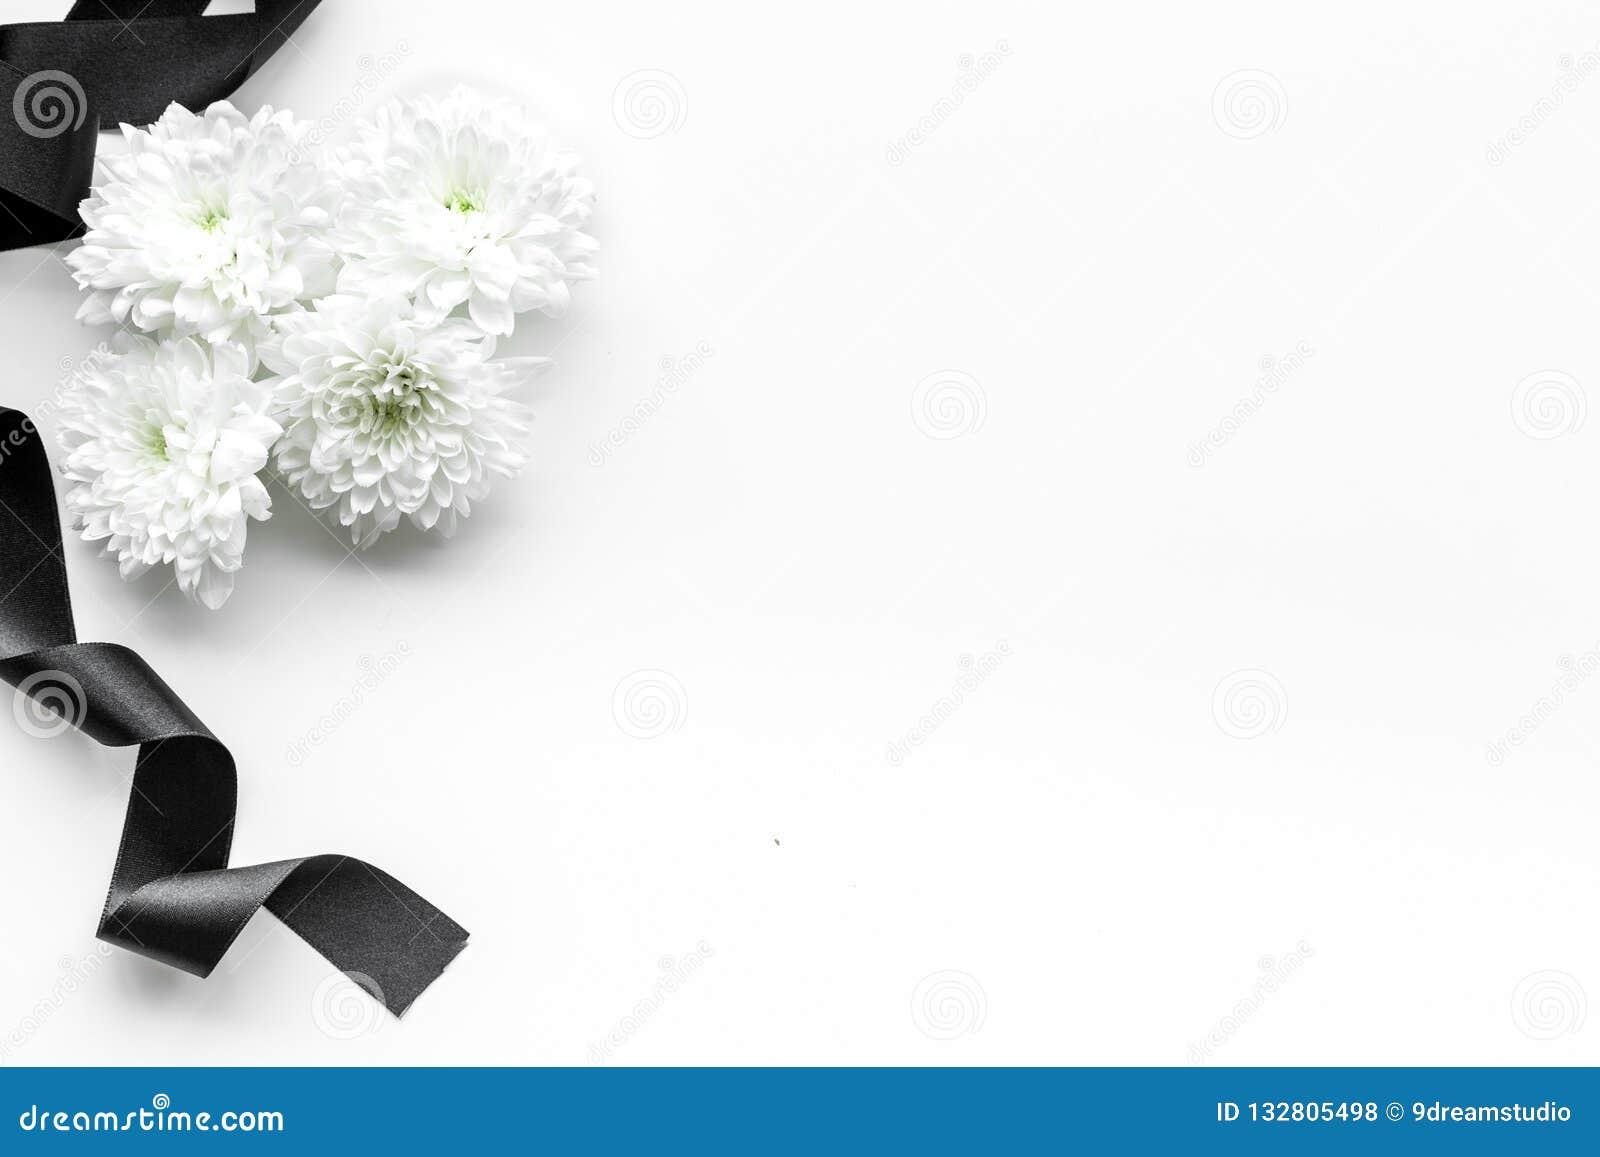 Begravnings- symboler Vit blomma nära svart band på vitt utrymme för bästa sikt för bakgrund för text